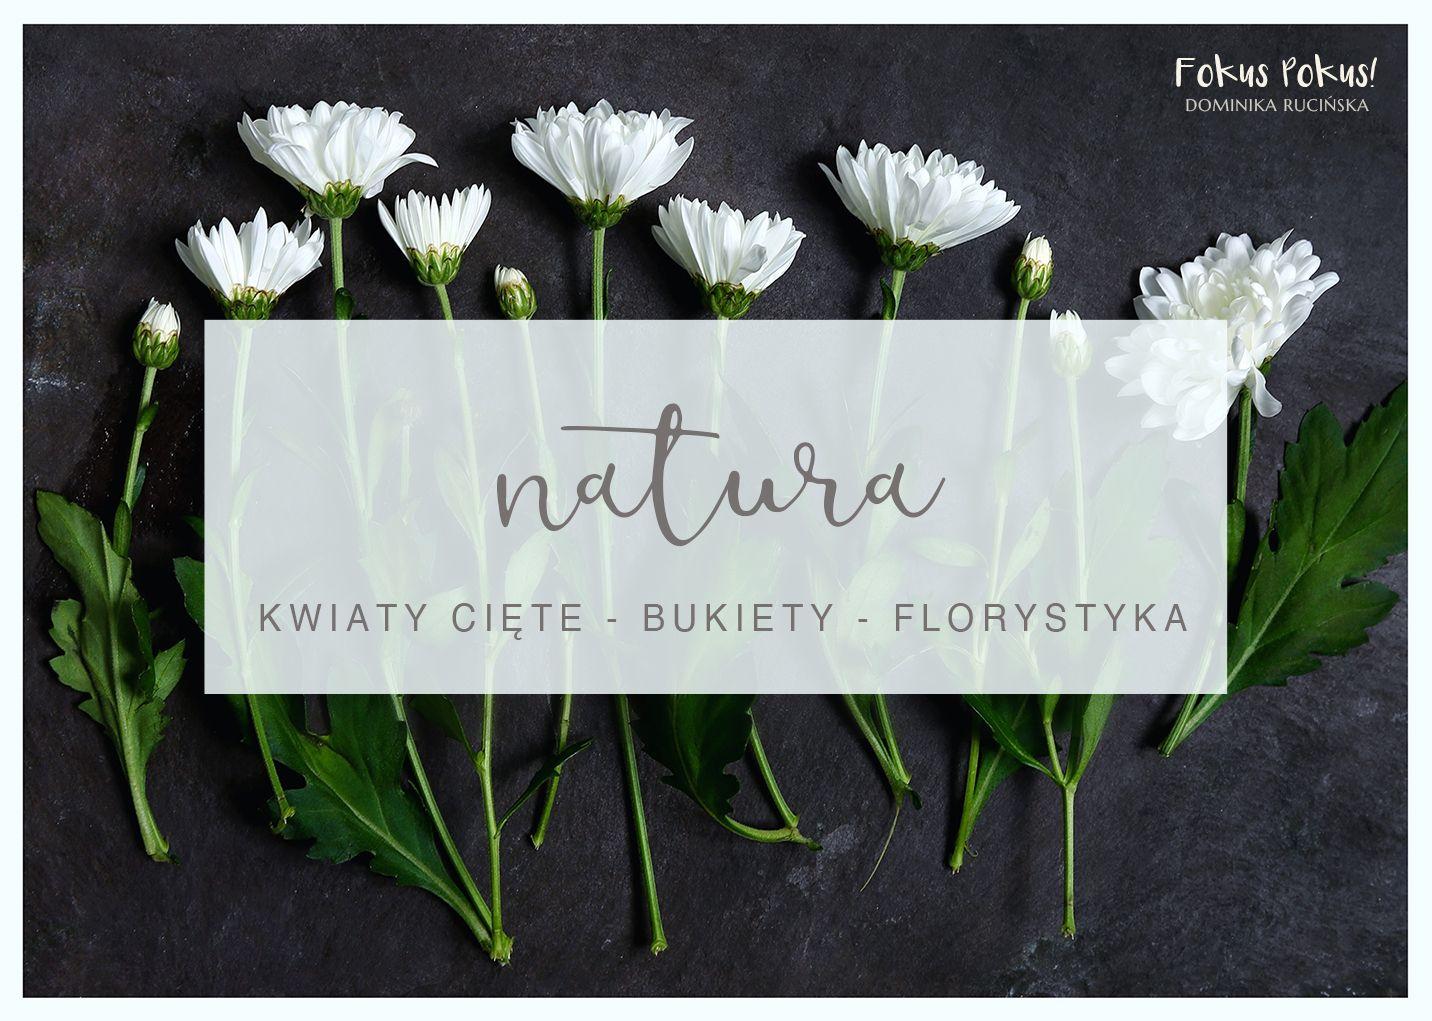 Wizytowka Kwiaciarnia Florystyka Businesscard Florists Kwiaciarnia Wizytowki Identyfikacjawizualna Logo Place Card Holders Place Cards Cards